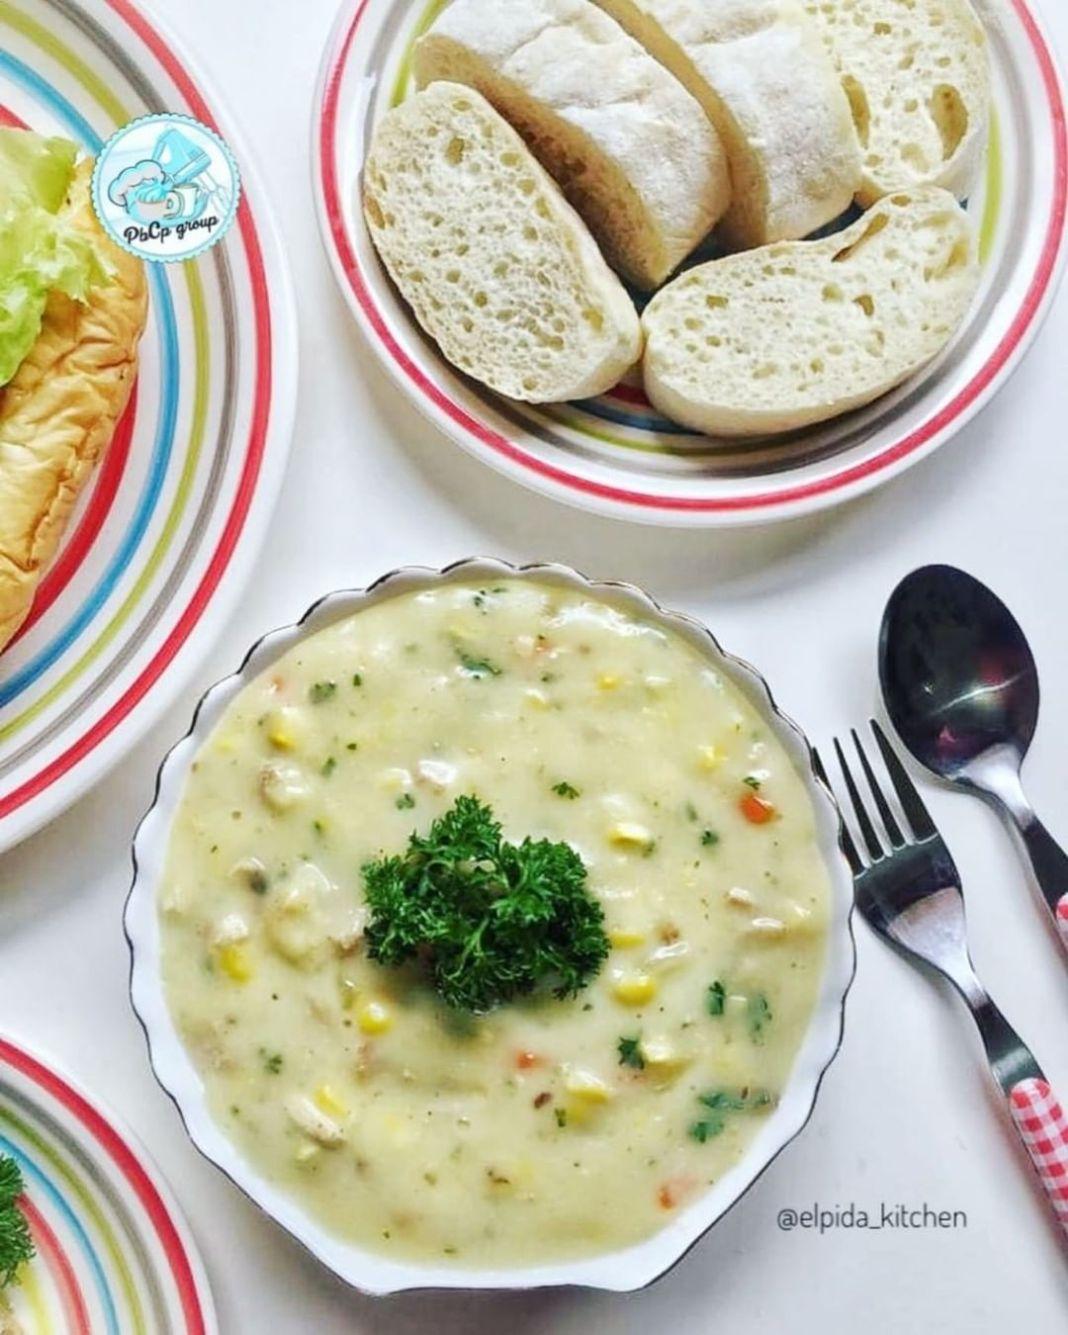 Info kuliner, Salah satu ide menu olahan susu untuk sarapan praktis serta super yummy, serta ini enak banget dico…